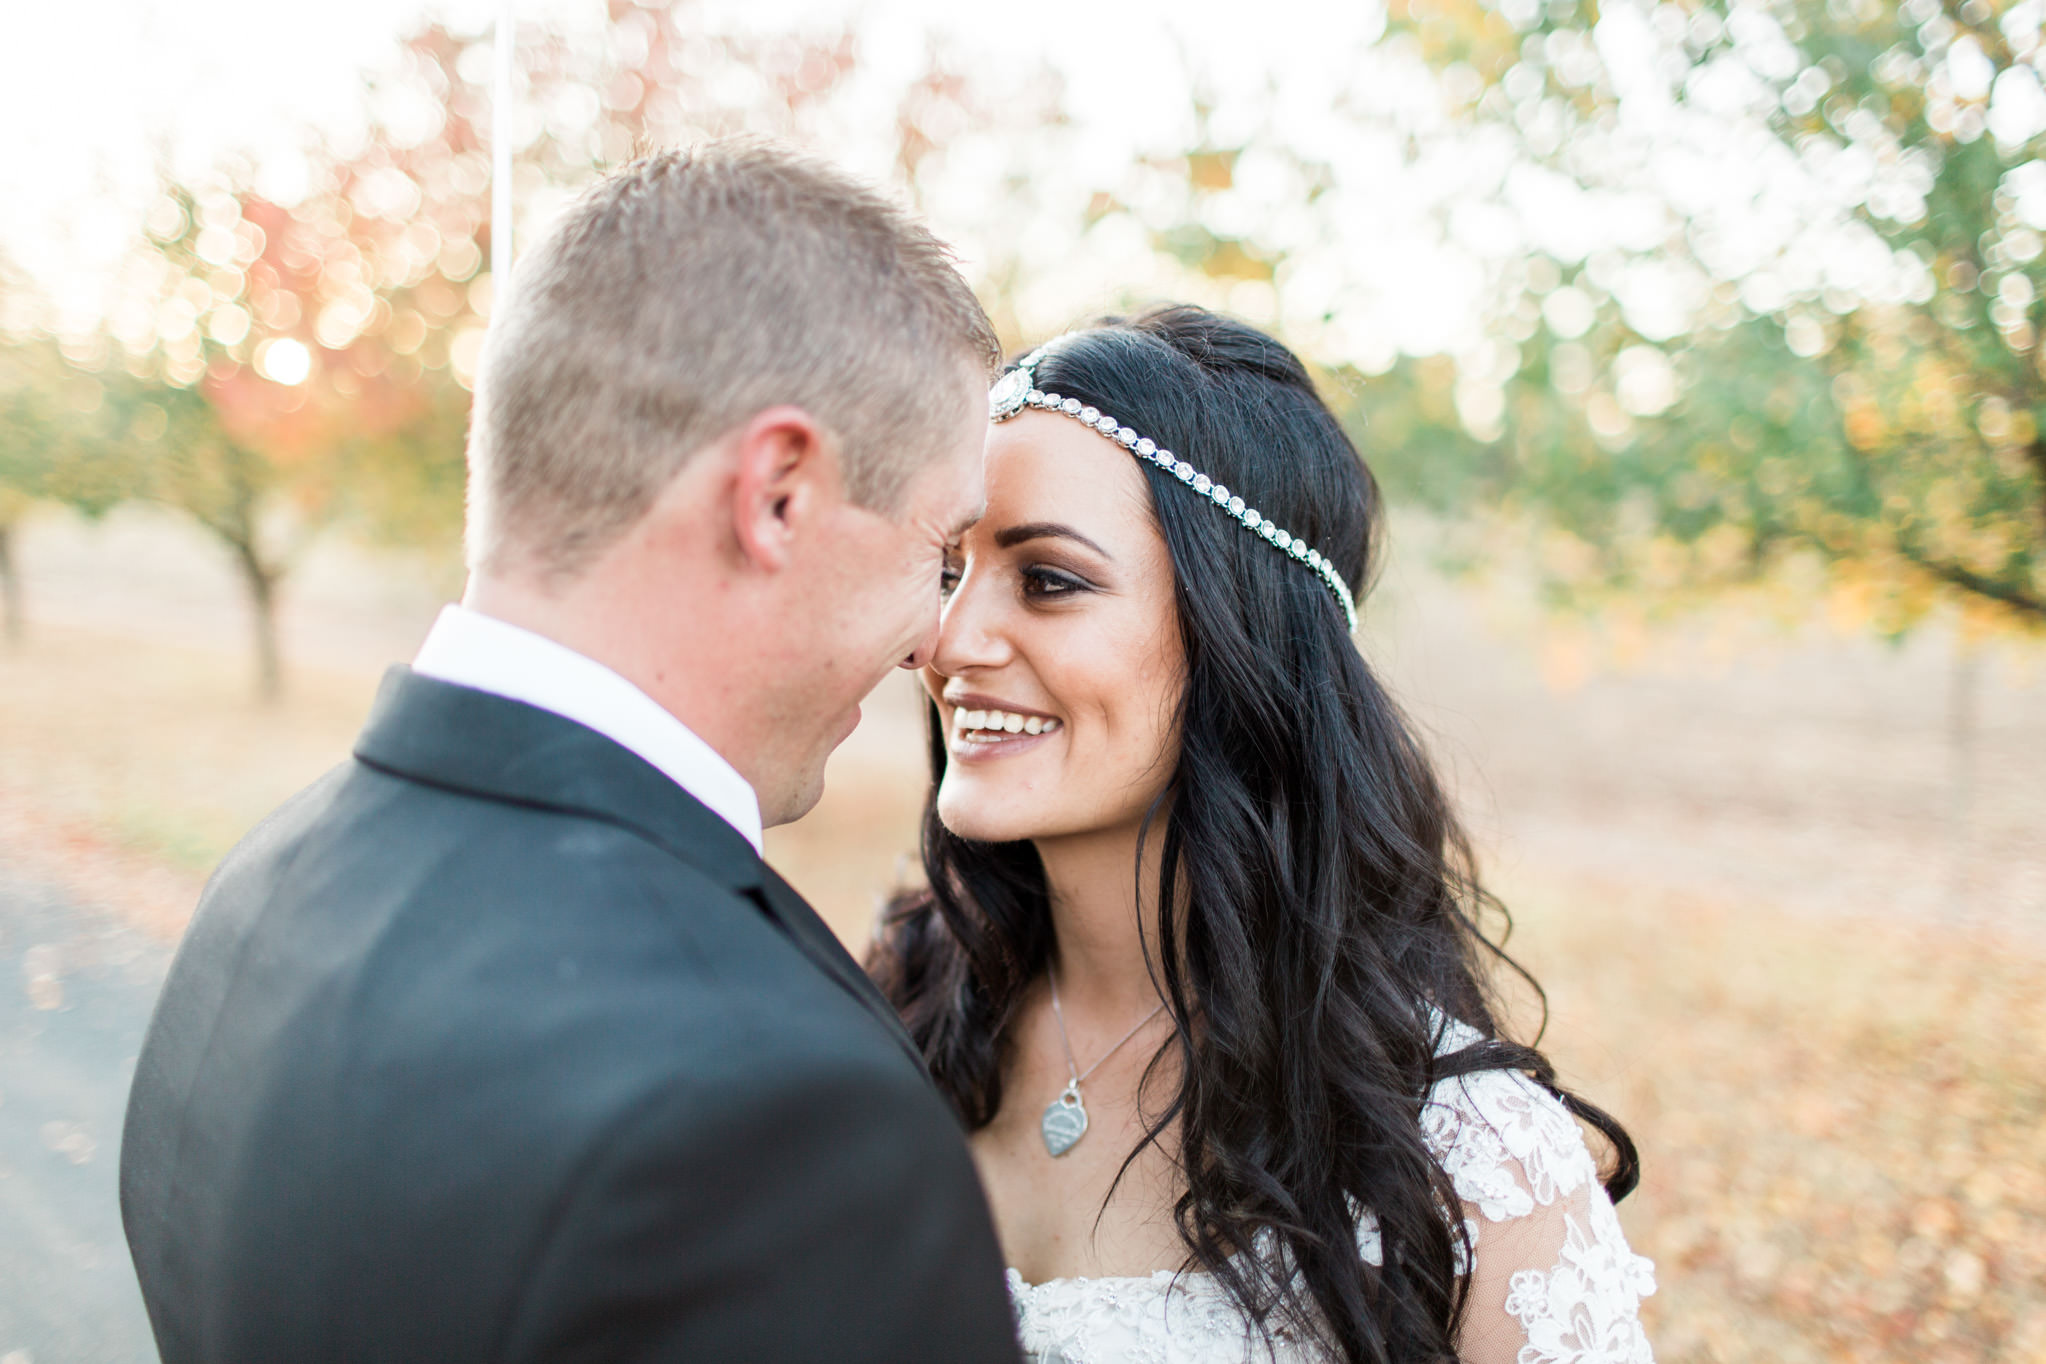 WeddingPhotos_Facebook_2046pixels-1585.jpg